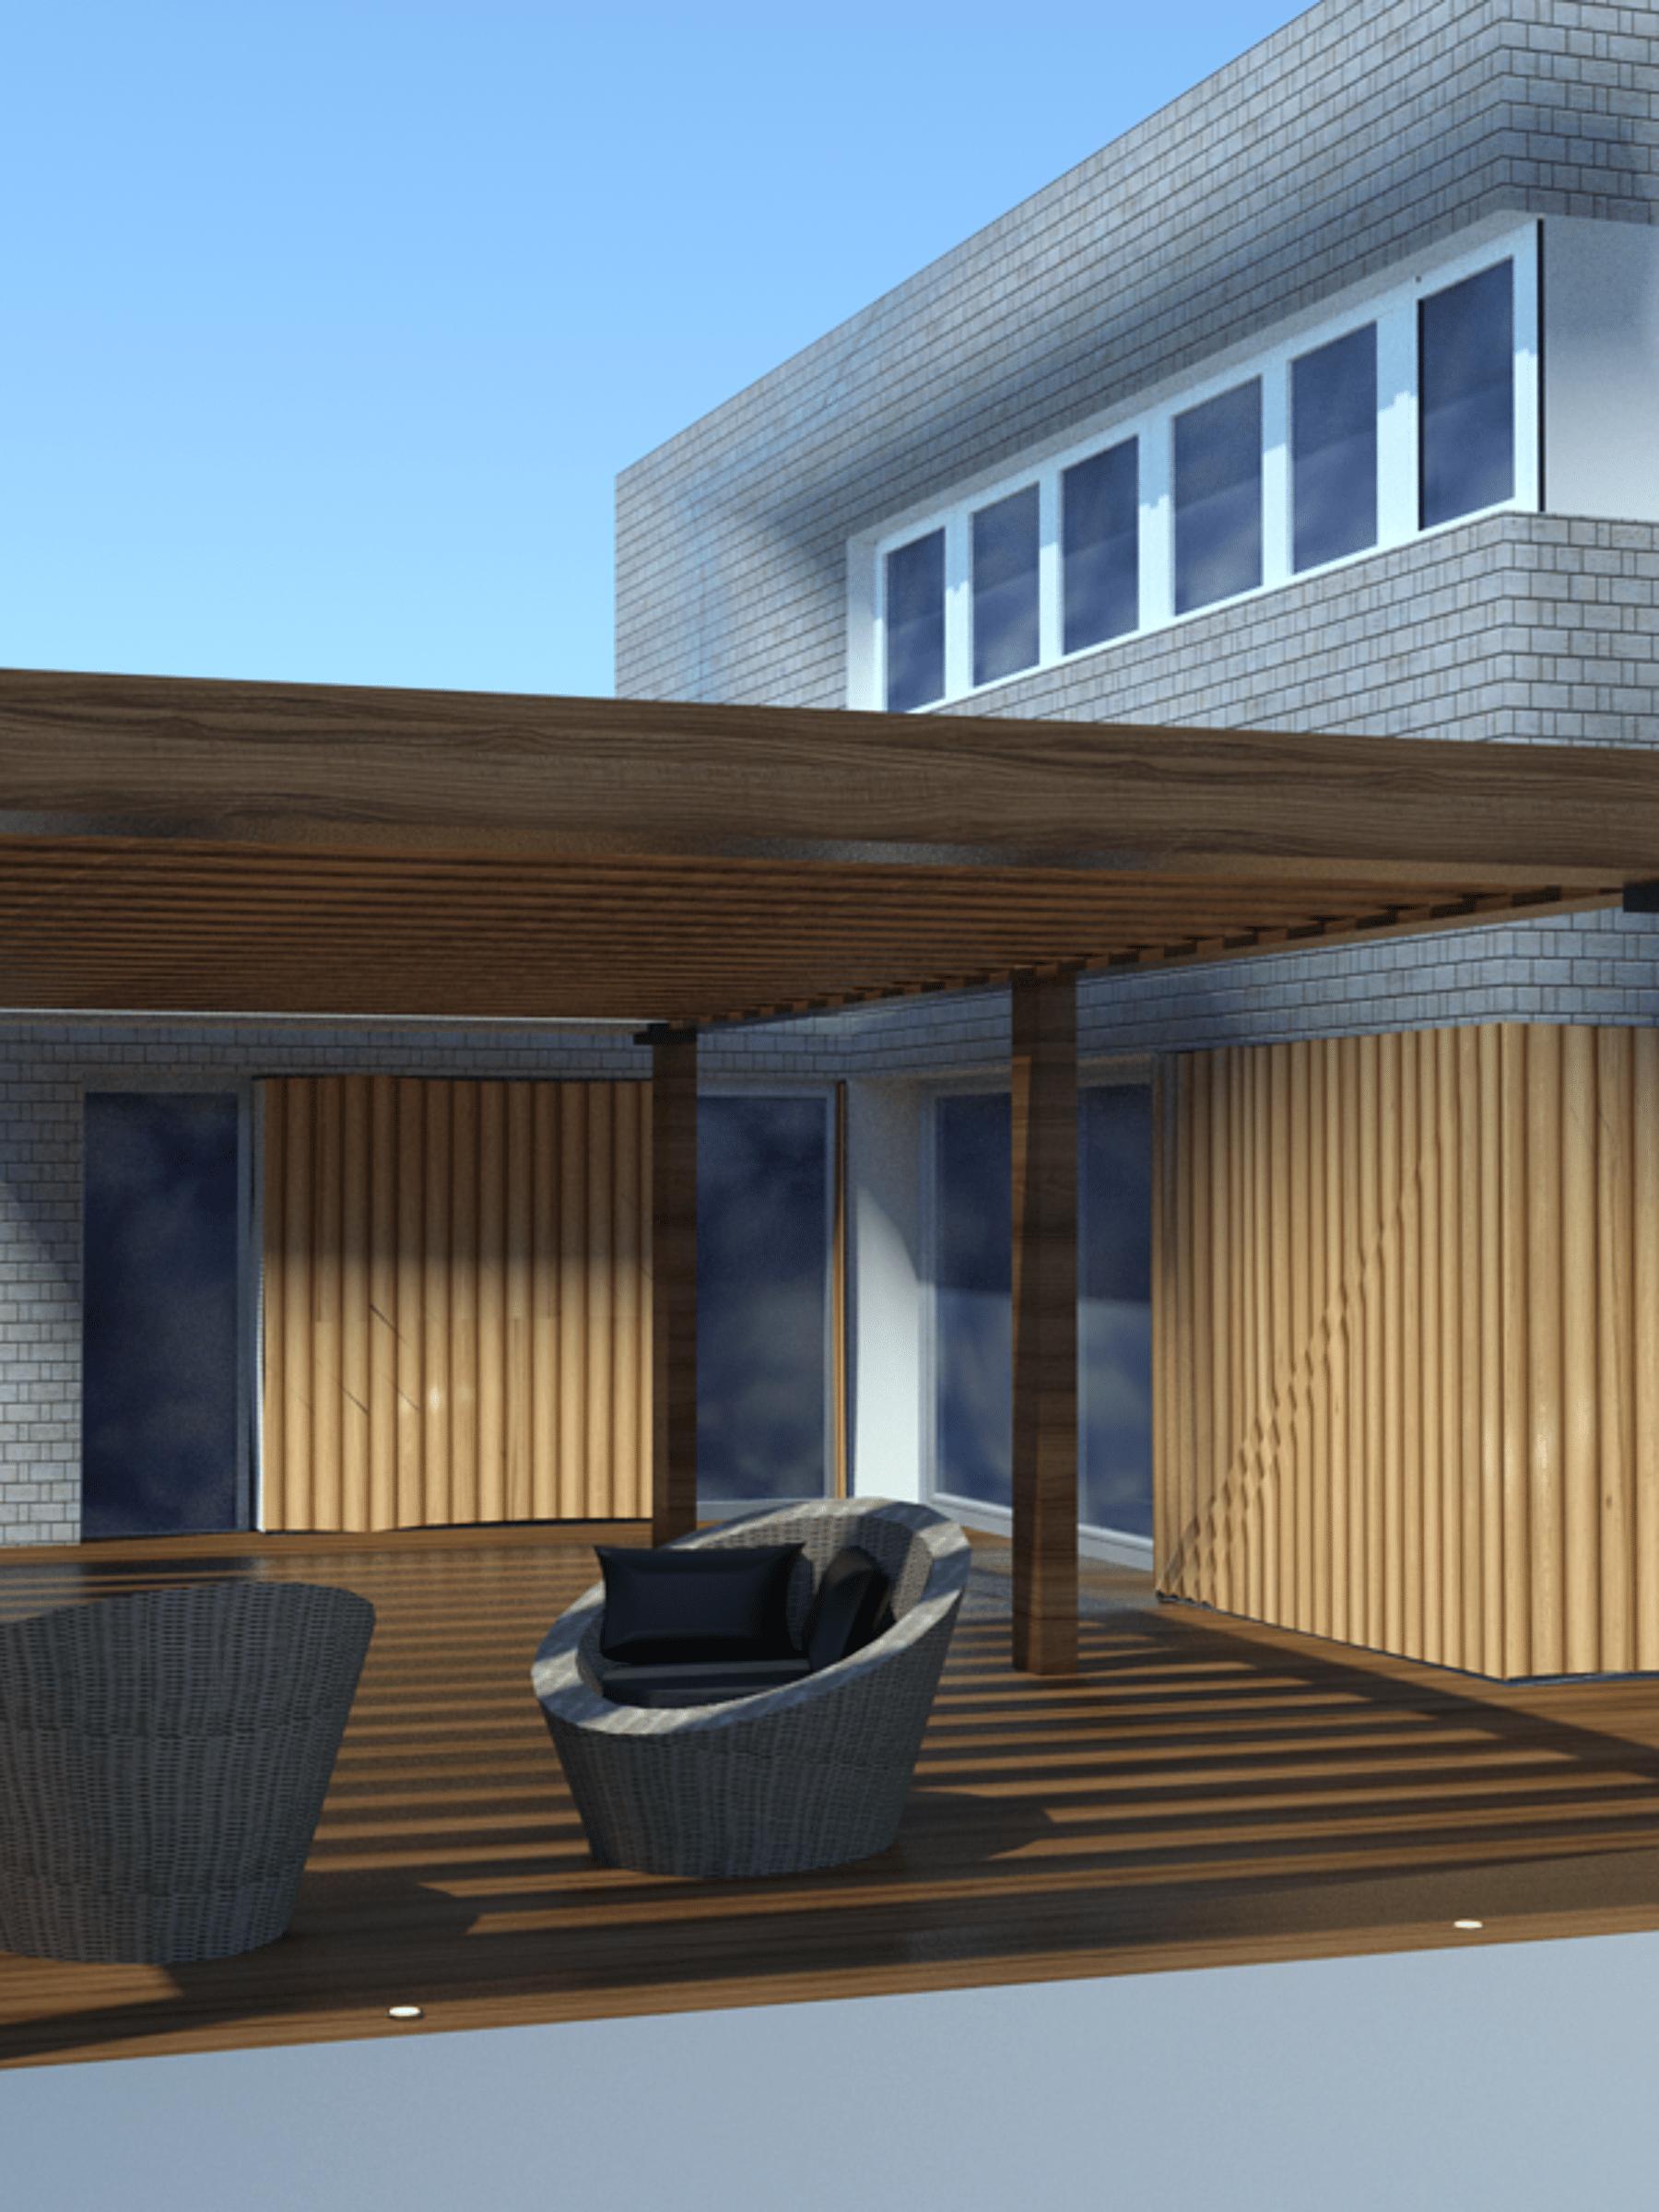 Aménagement extérieur - Maison individuelle par un architecte Archidvisor